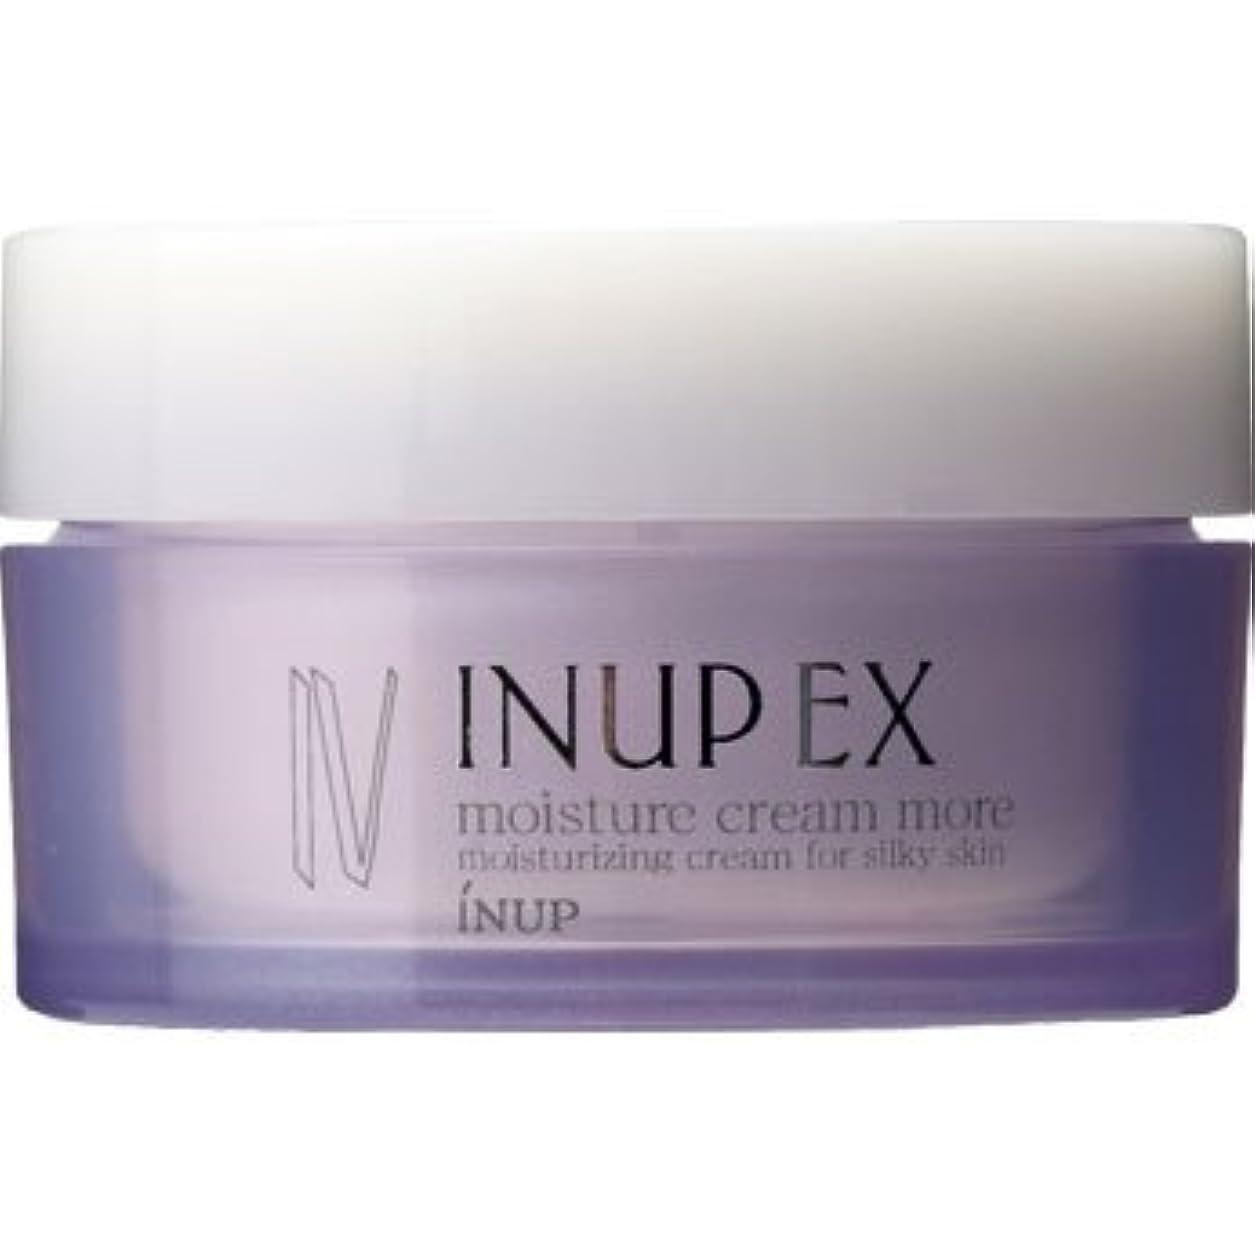 安いですとげのあるまたねインナップEX 保湿クリーム (潤い効果アップ) モイスチャークリーム MD (スパチュラ付)[弱酸性] 30g